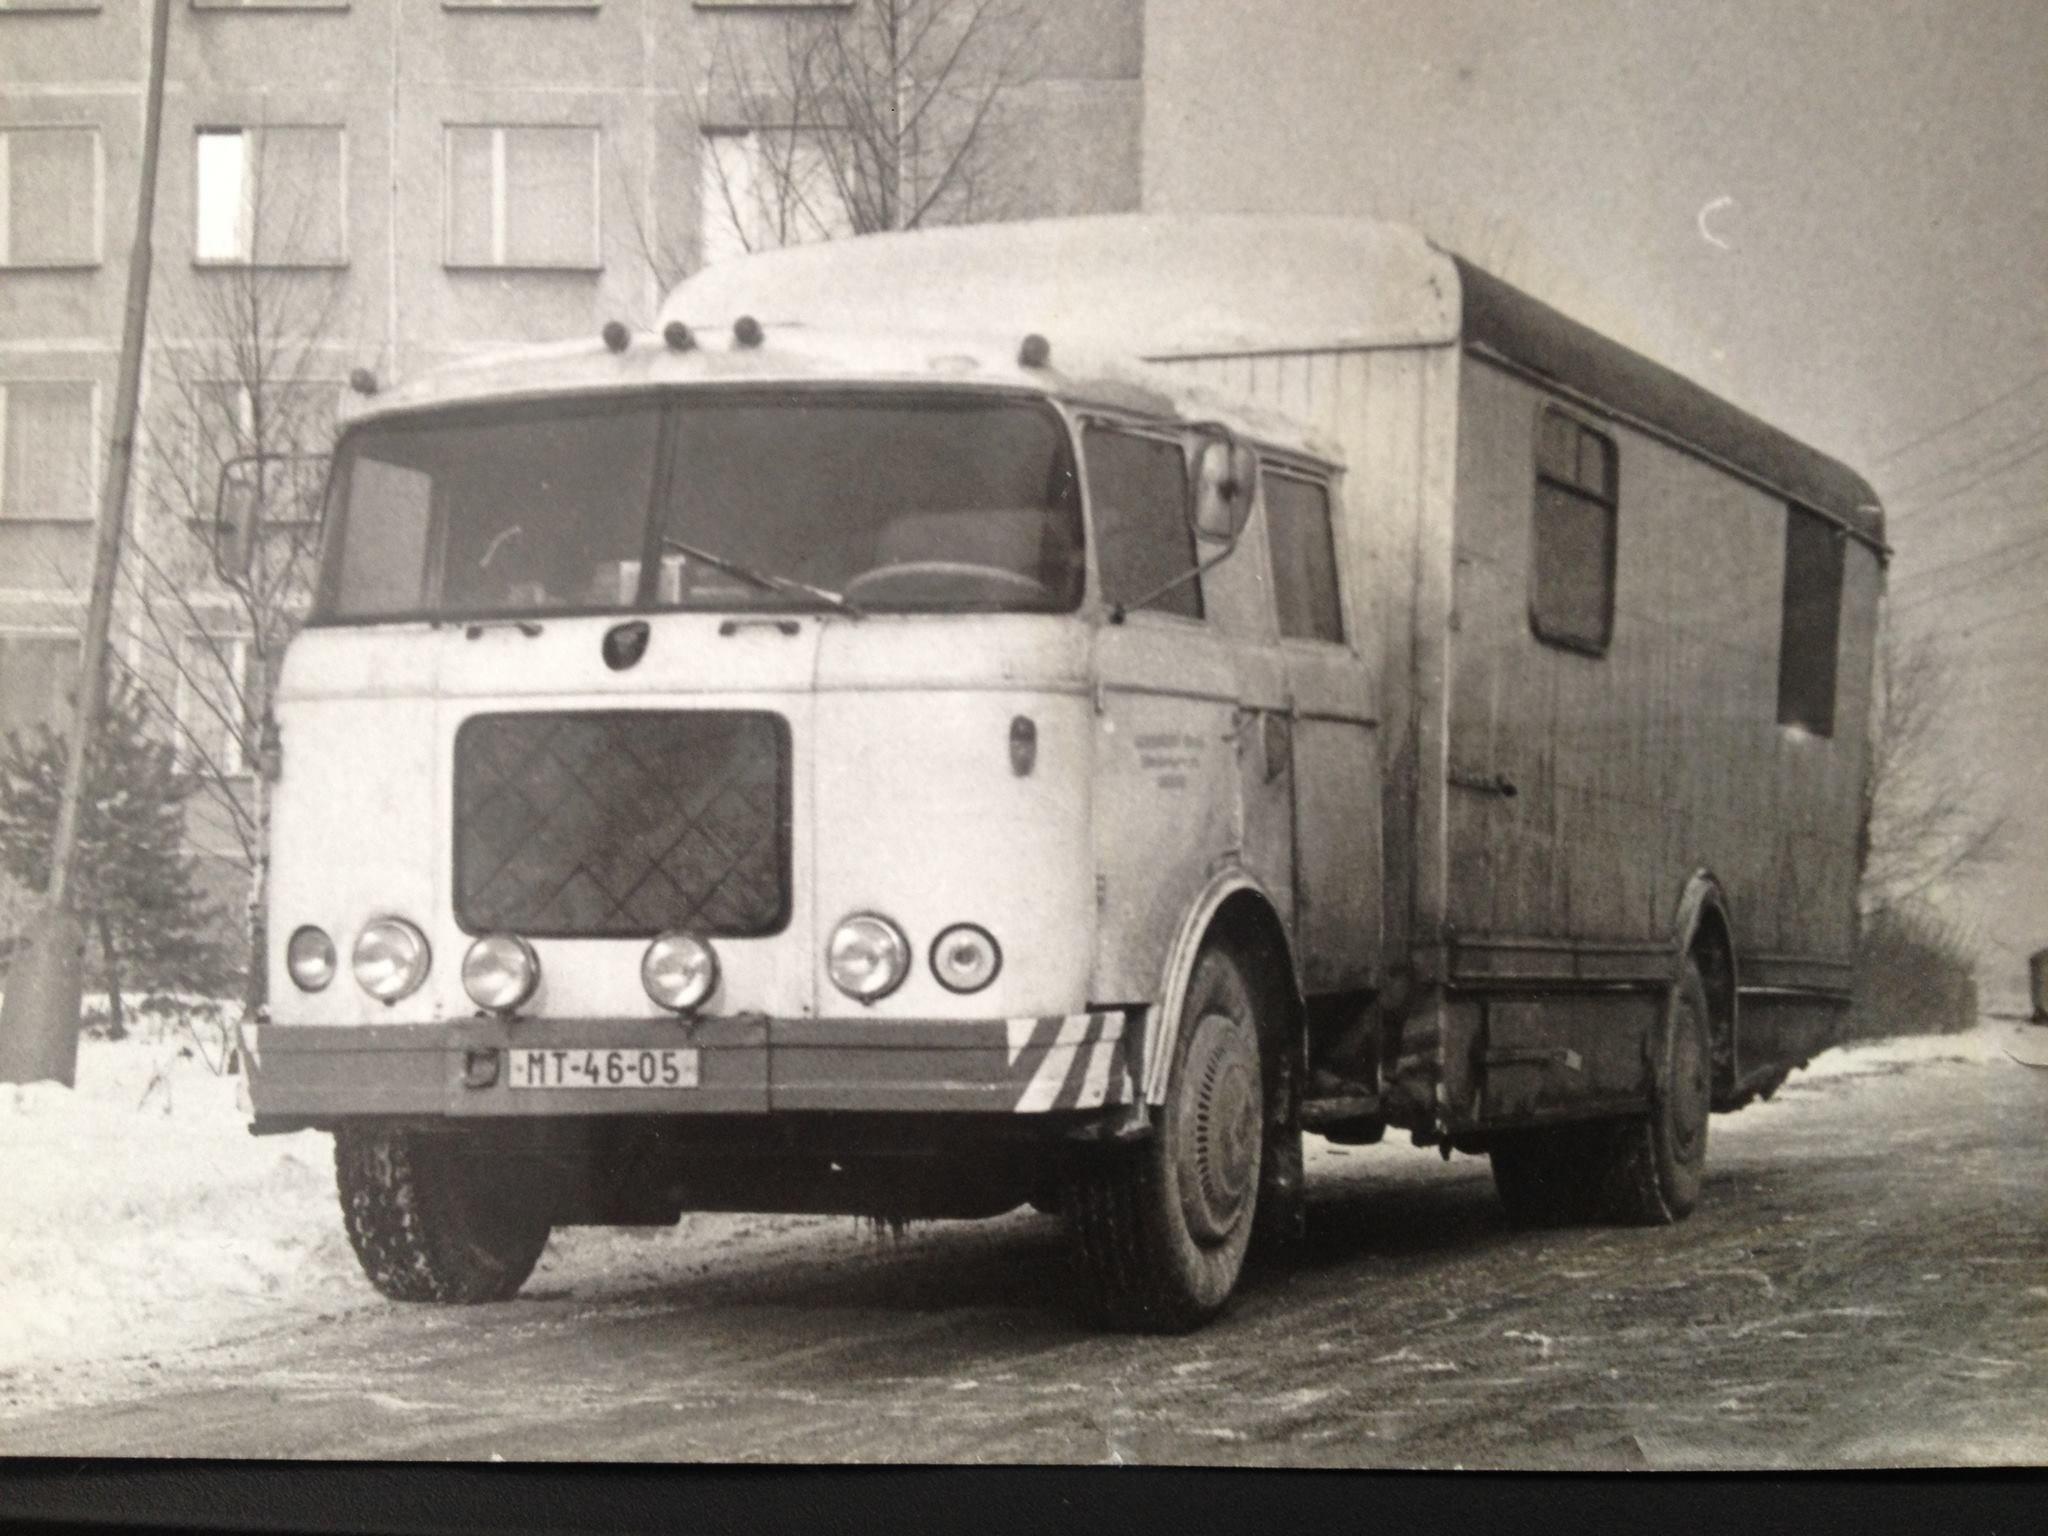 Asi pojazdný obchod, 80te roky